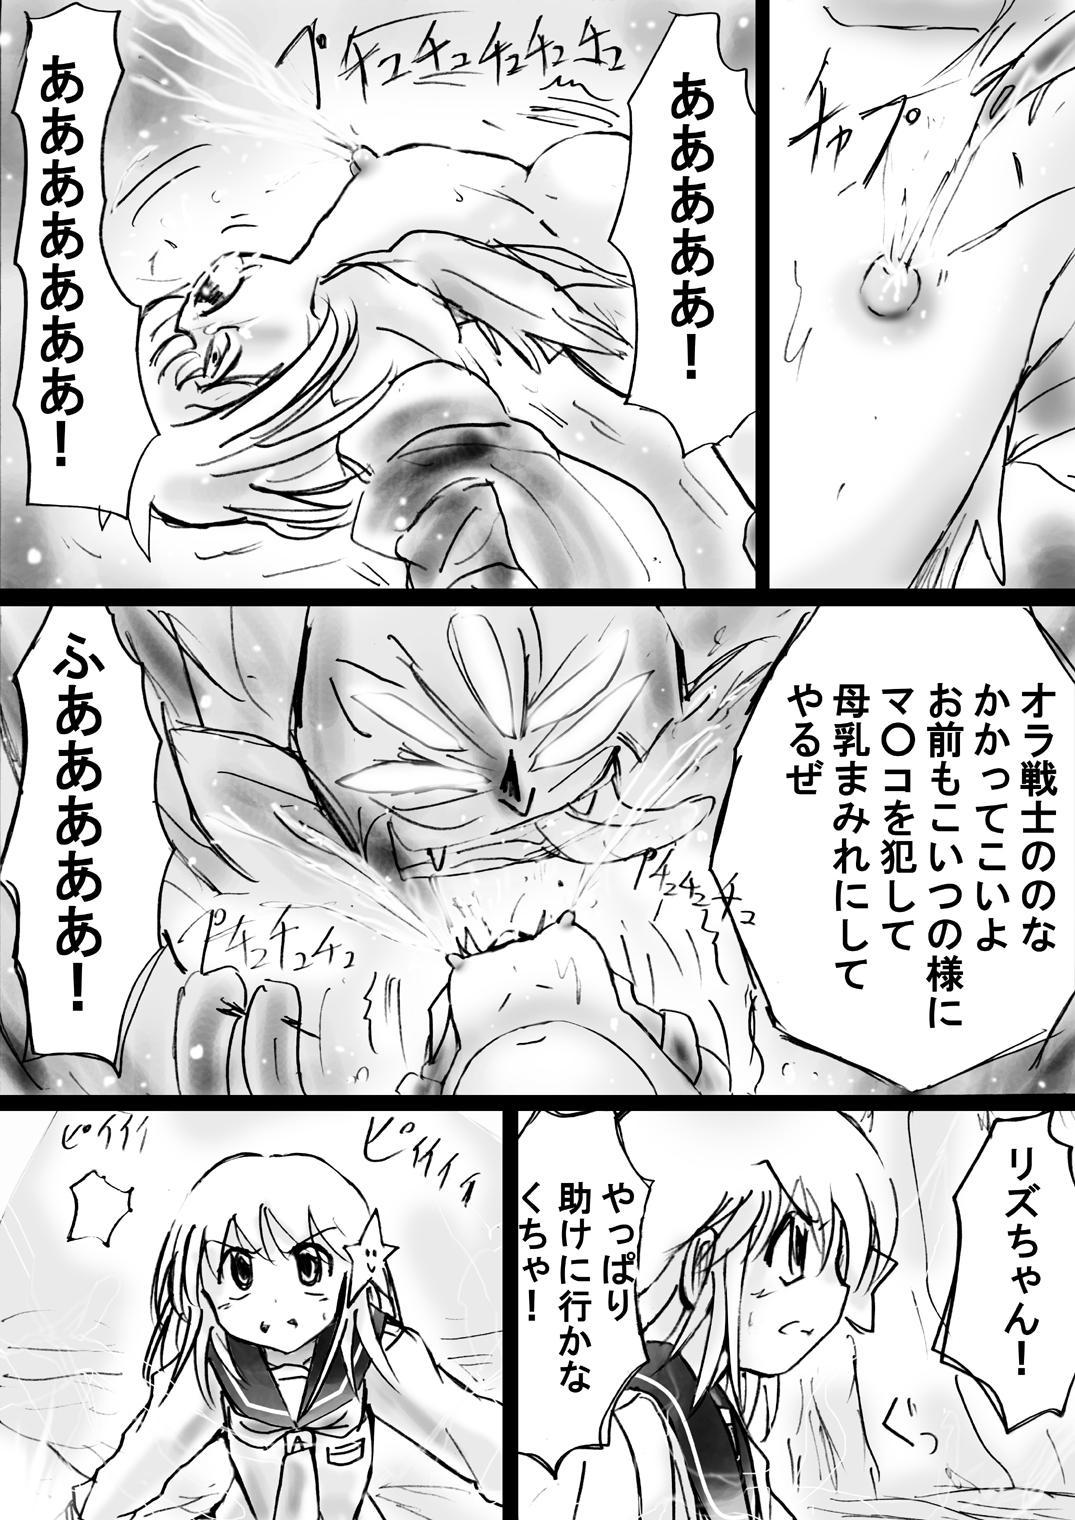 [Dende] Fushigi Sekai -Mystery World- no Nona 17 ~ Taiketsu Fujimi no Dai Inma Dakurasu, Kanzen Sekka no Kyoufu 52